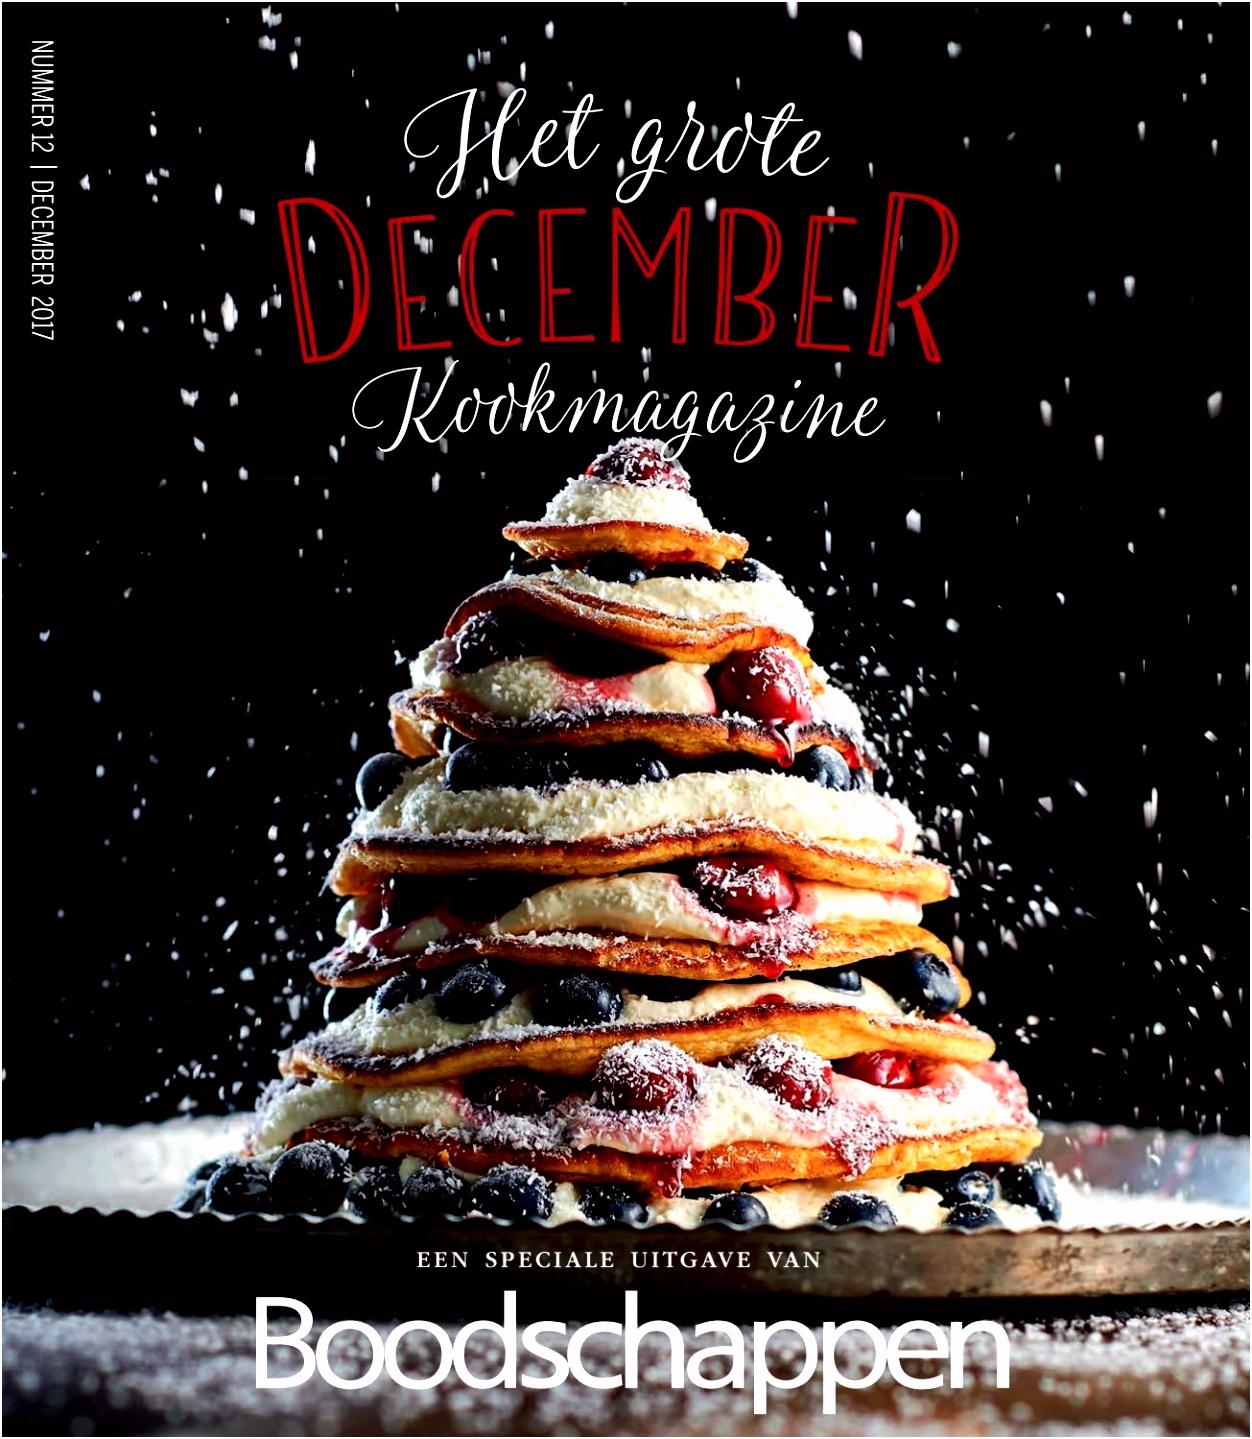 Boodschappen December 2017 by Boodschappen issuu